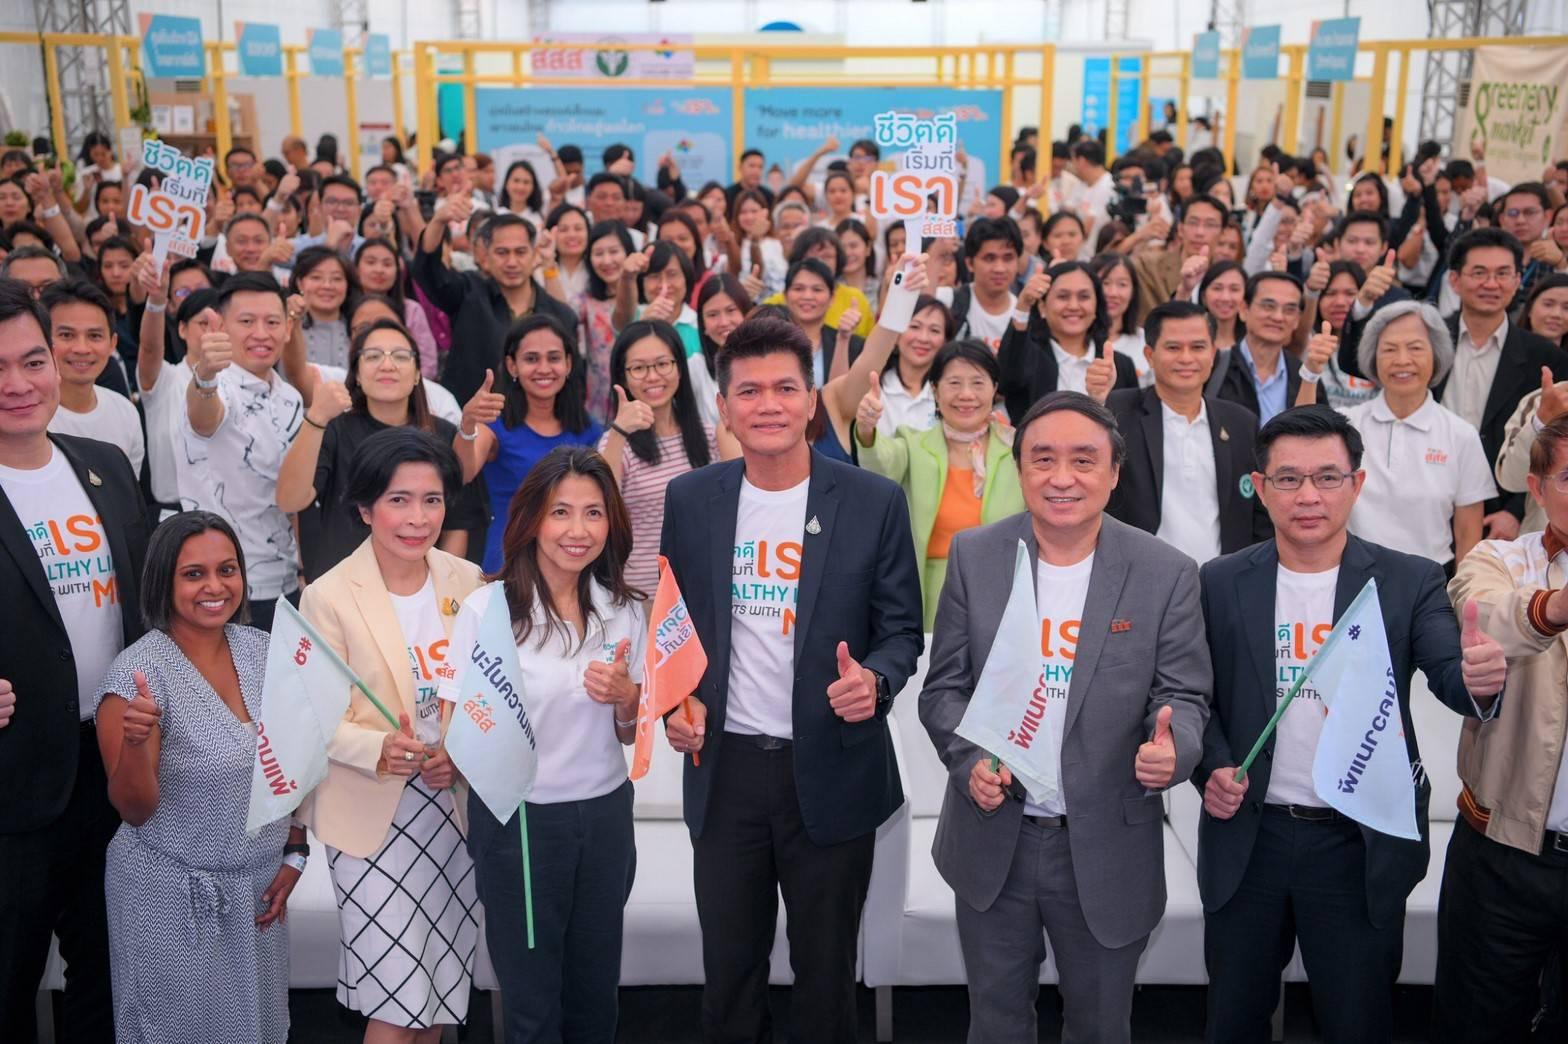 """""""สาธิต"""" ชวนคนไทยสร้างสุขภาพดี เริ่มที่เรา ตั้งเป้าสร้าง """"เทรนใหม่ 18+"""" วัยรุ่นรู้ทันโรคภัย"""